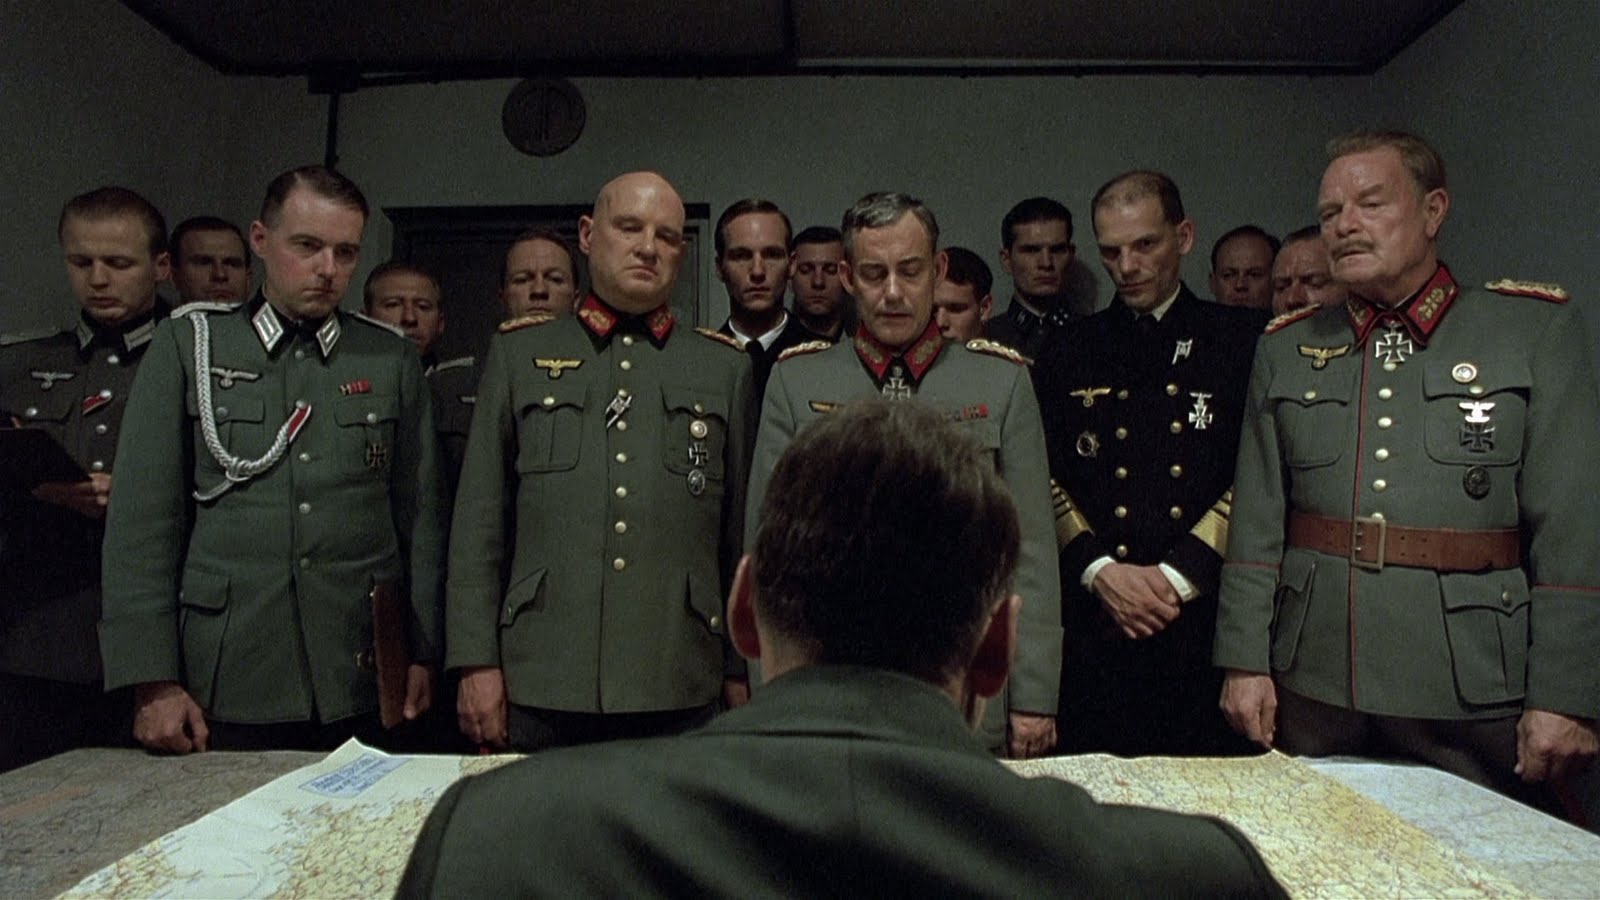 تصویری از فیلم سقوط